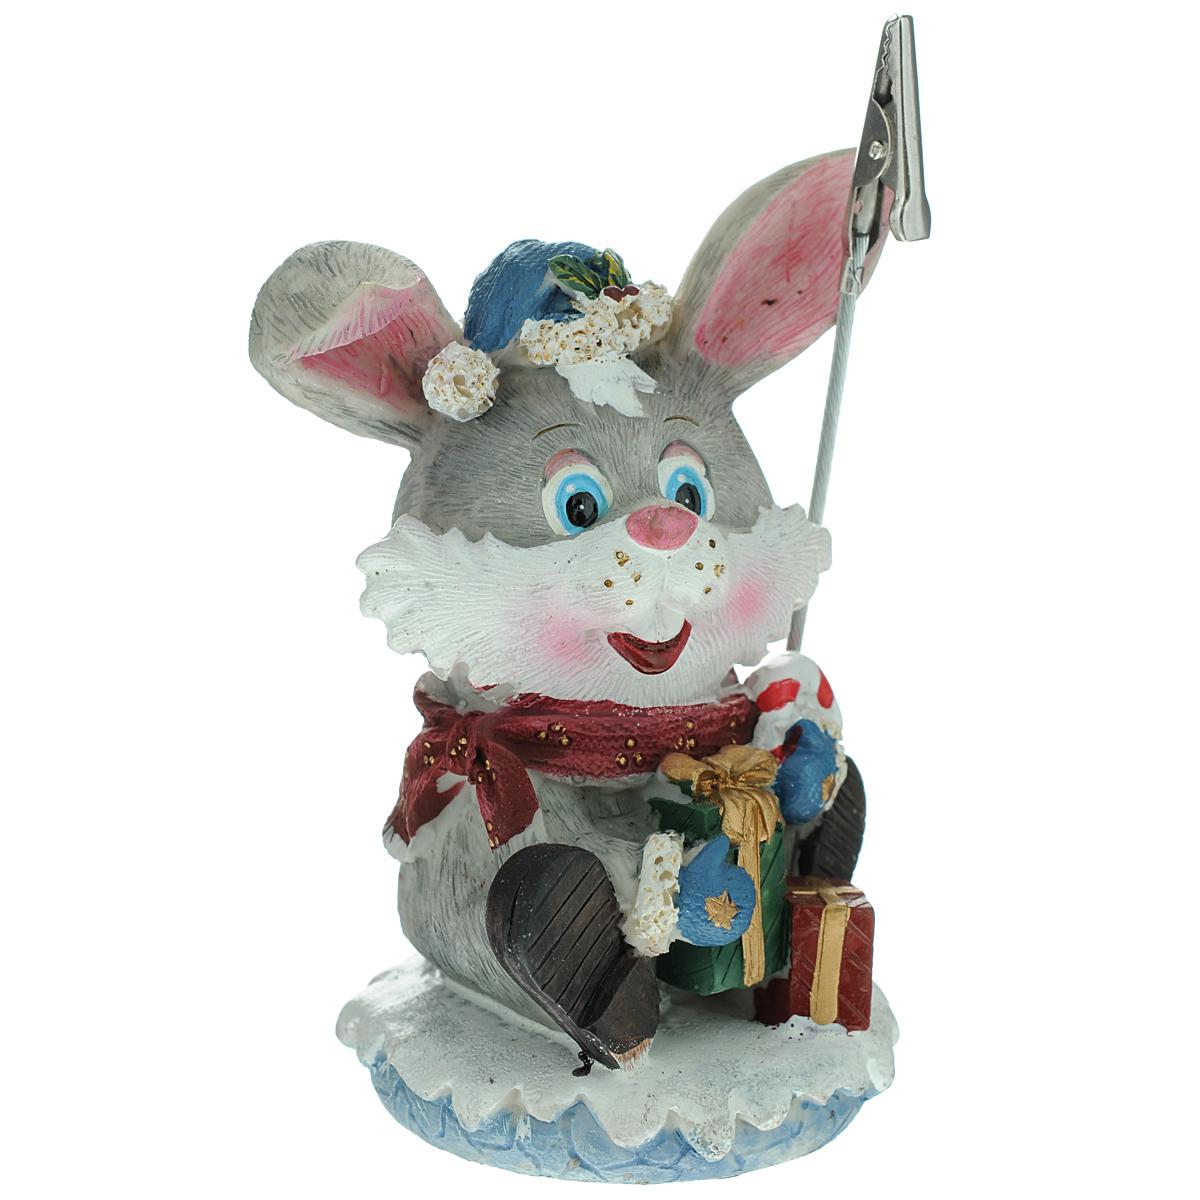 Держатель для бумаги Кролик, 12,5 смPlatinum JW40-6 ГОРИЦИЯ-КОРИЧНЕВЫЙ 40x60Держатель для бумаги, выполненный в виде кролика, который вызовет улыбку у каждого, кто его увидит.Откройте для себя удивительный мир сказок и грез. Почувствуйте волшебные минуты ожидания праздника, создайте новогоднее настроение вашим дорогими близким. Характеристики:Материал:полистоун, металл. Размер:12,5 см х 8 см х 5 см. Производитель: Ирландия. Артикул: SWT-2011. Mister Christmas как марка, стоявшая у самых истоков новогодней индустрии в России, сегодня является подлинным лидером рынка. Продукция марки обрела популярность и заслужила доверие самого широкого круга потребителей. Миссия Mister Christmas - это одновременно и возрождение утраченных рождественских традиций, и привнесение модных тенденций в празднование Нового года и Рождества, развитие новогодней культуры в целом. Благодаря таланту и мастерству дизайнеров, технологиям и опыту мировой новогодней индустрии товары от Mister Christmas стали настоящим символом Нового года, эталоном качества и хорошего вкуса.Уважаемые клиенты!Обращаем ваше внимание на возможные изменения в дизайне держателя.Уважаемые клиенты!Обращаем ваше внимание на ассортимент товара. Поставка возможна в одном извариантов, в зависимости от наличия на складе.